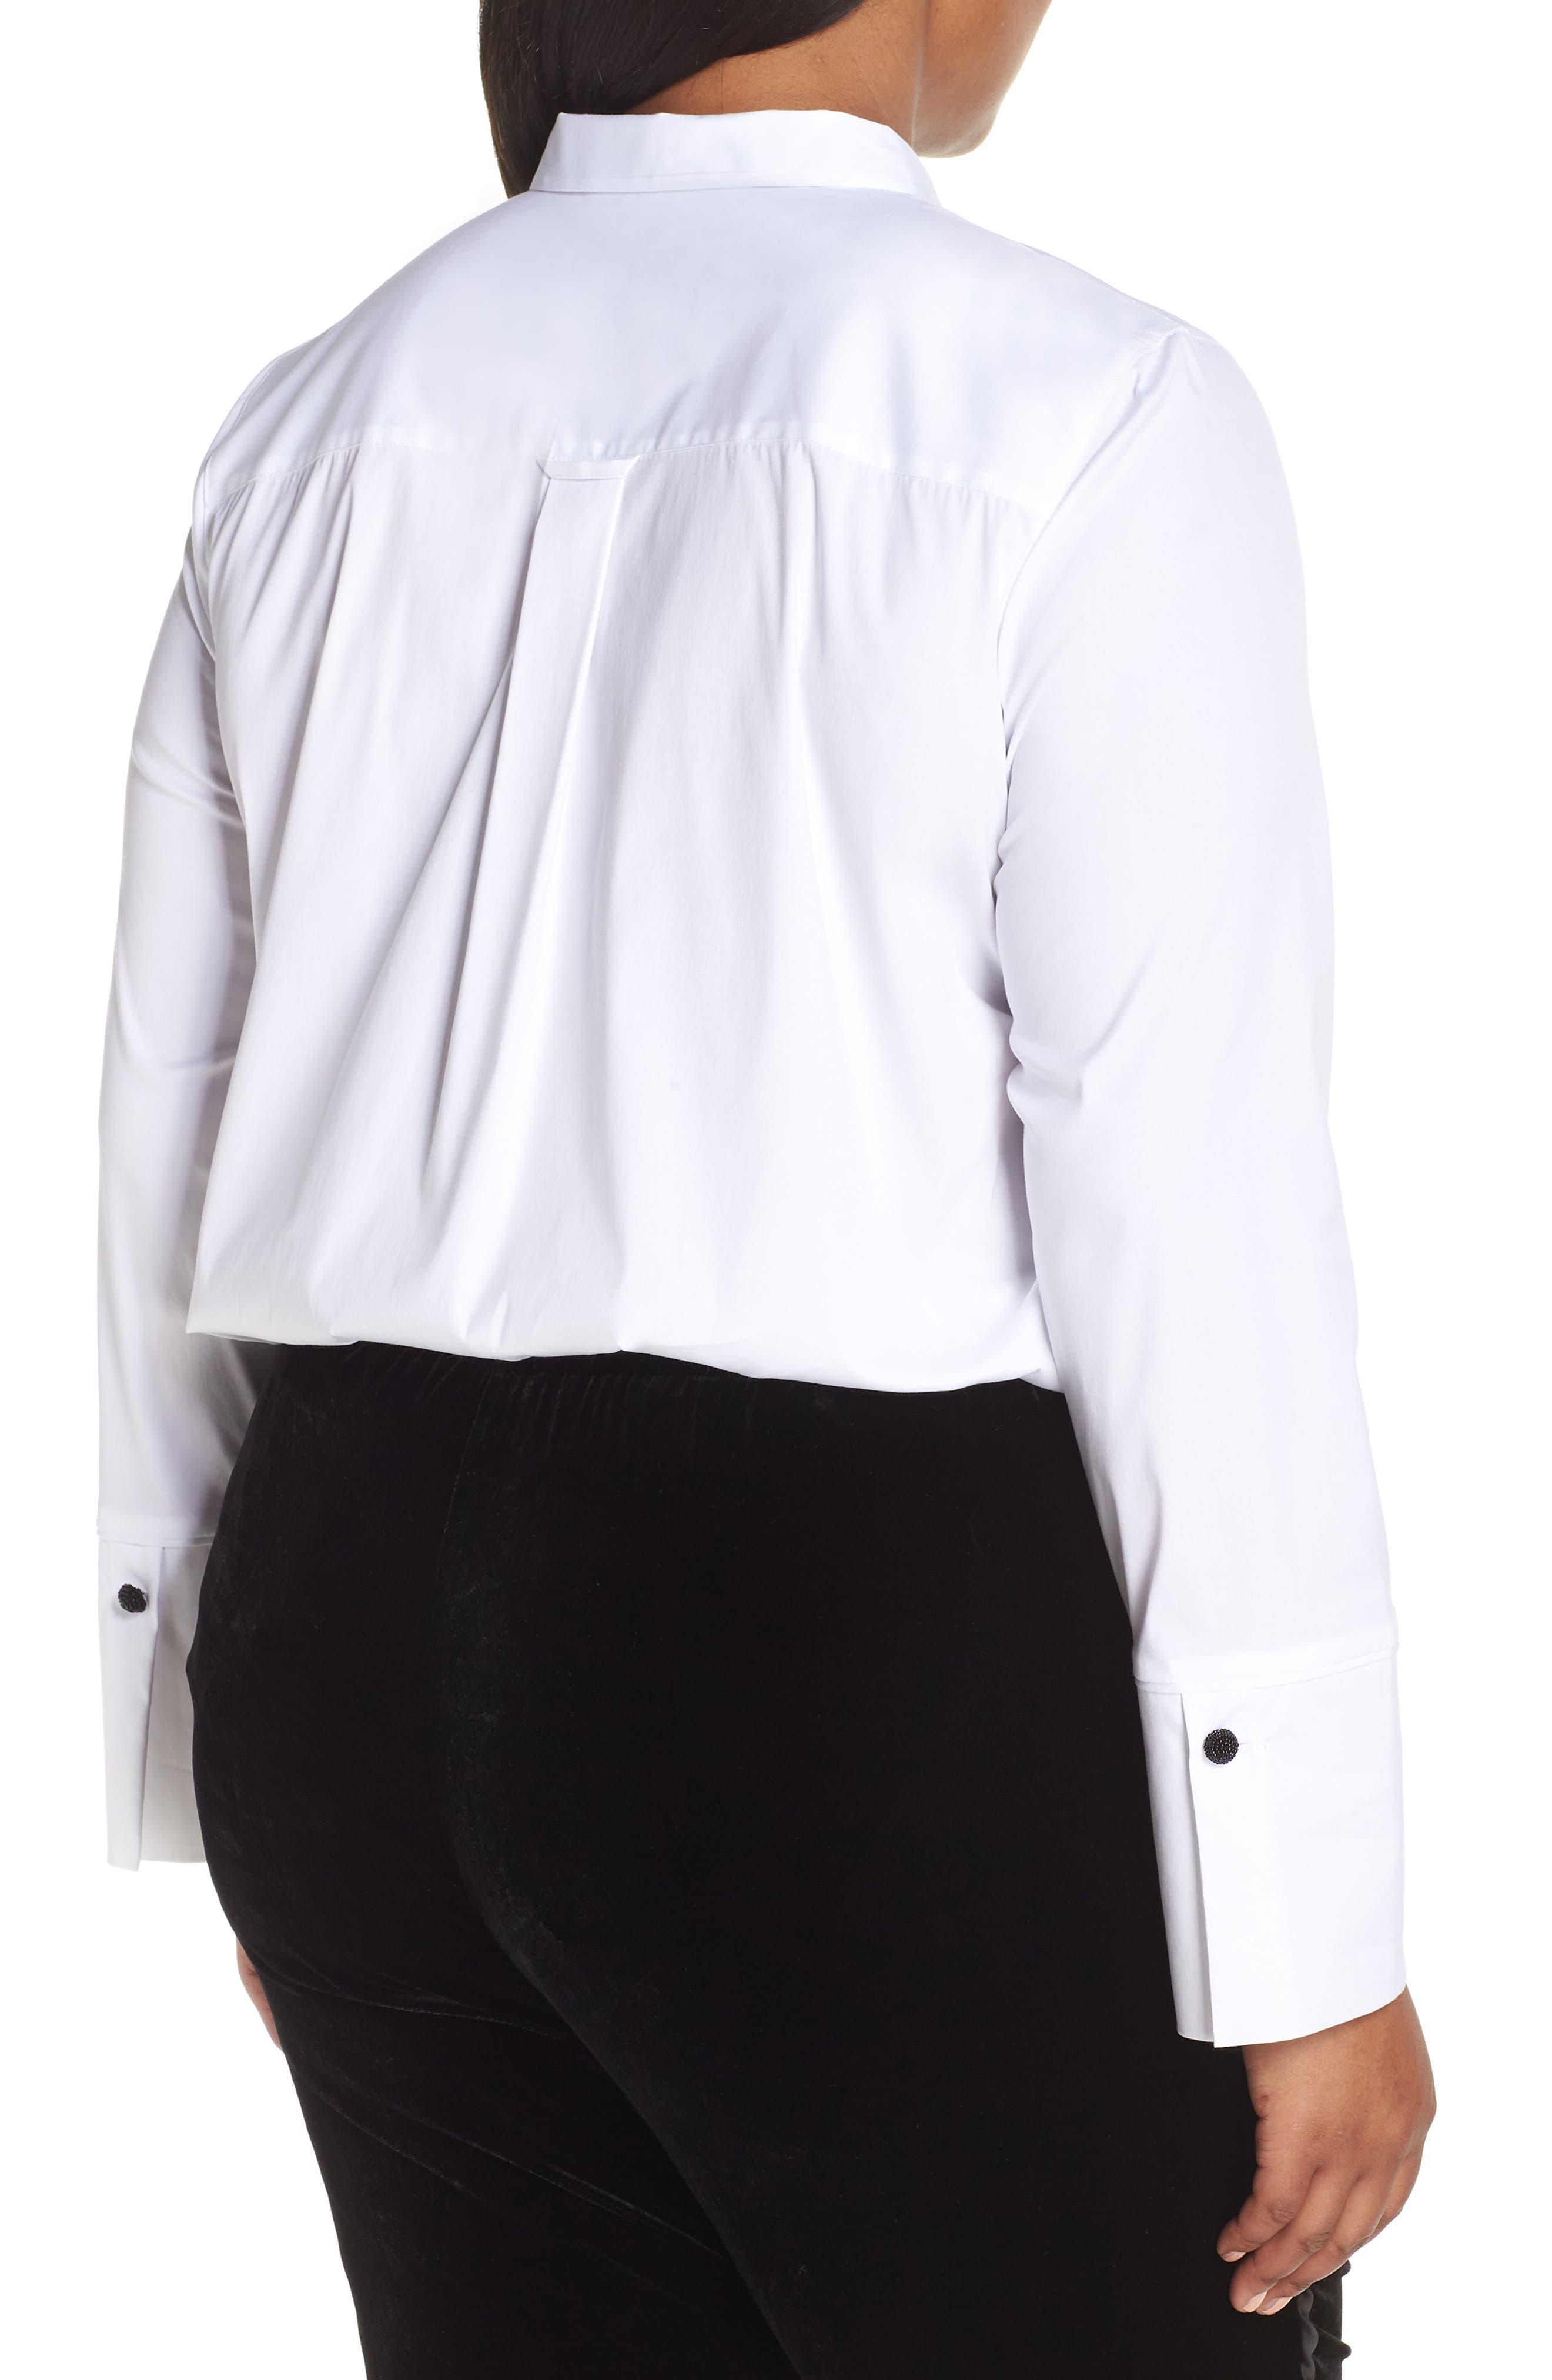 Annaliese Shirt,                             Alternate thumbnail 10, color,                             WHITE